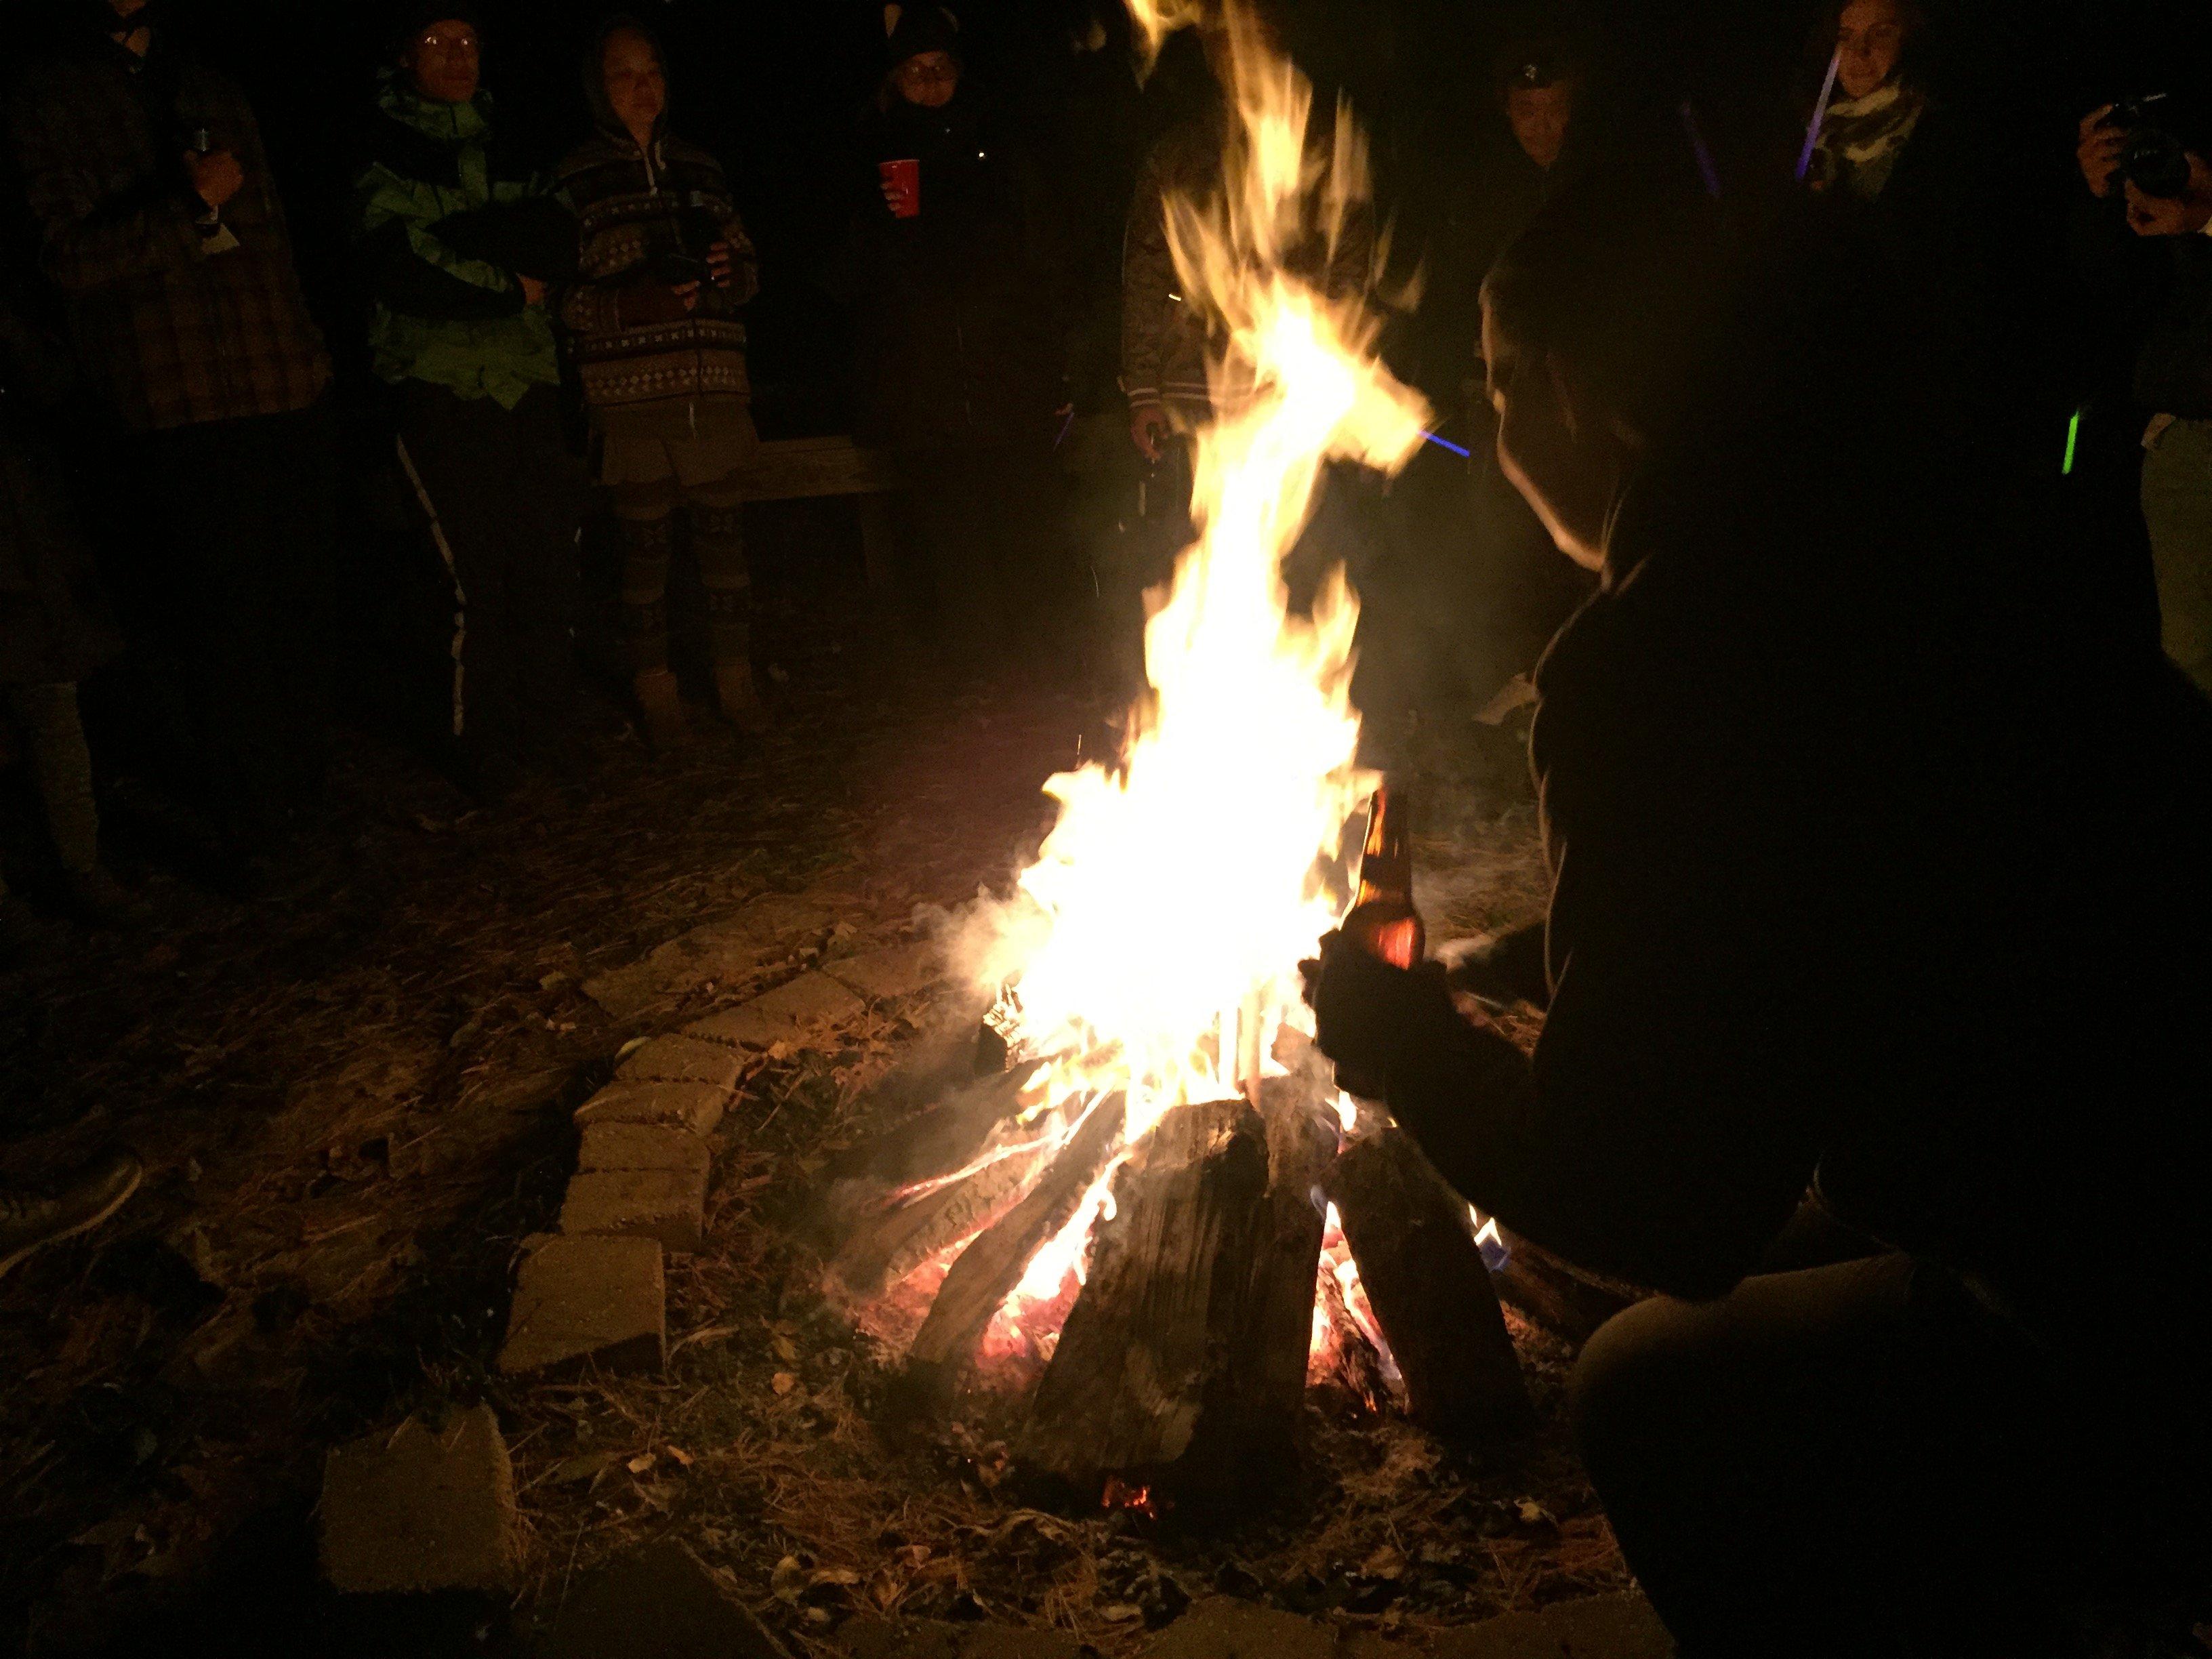 Bachi burning